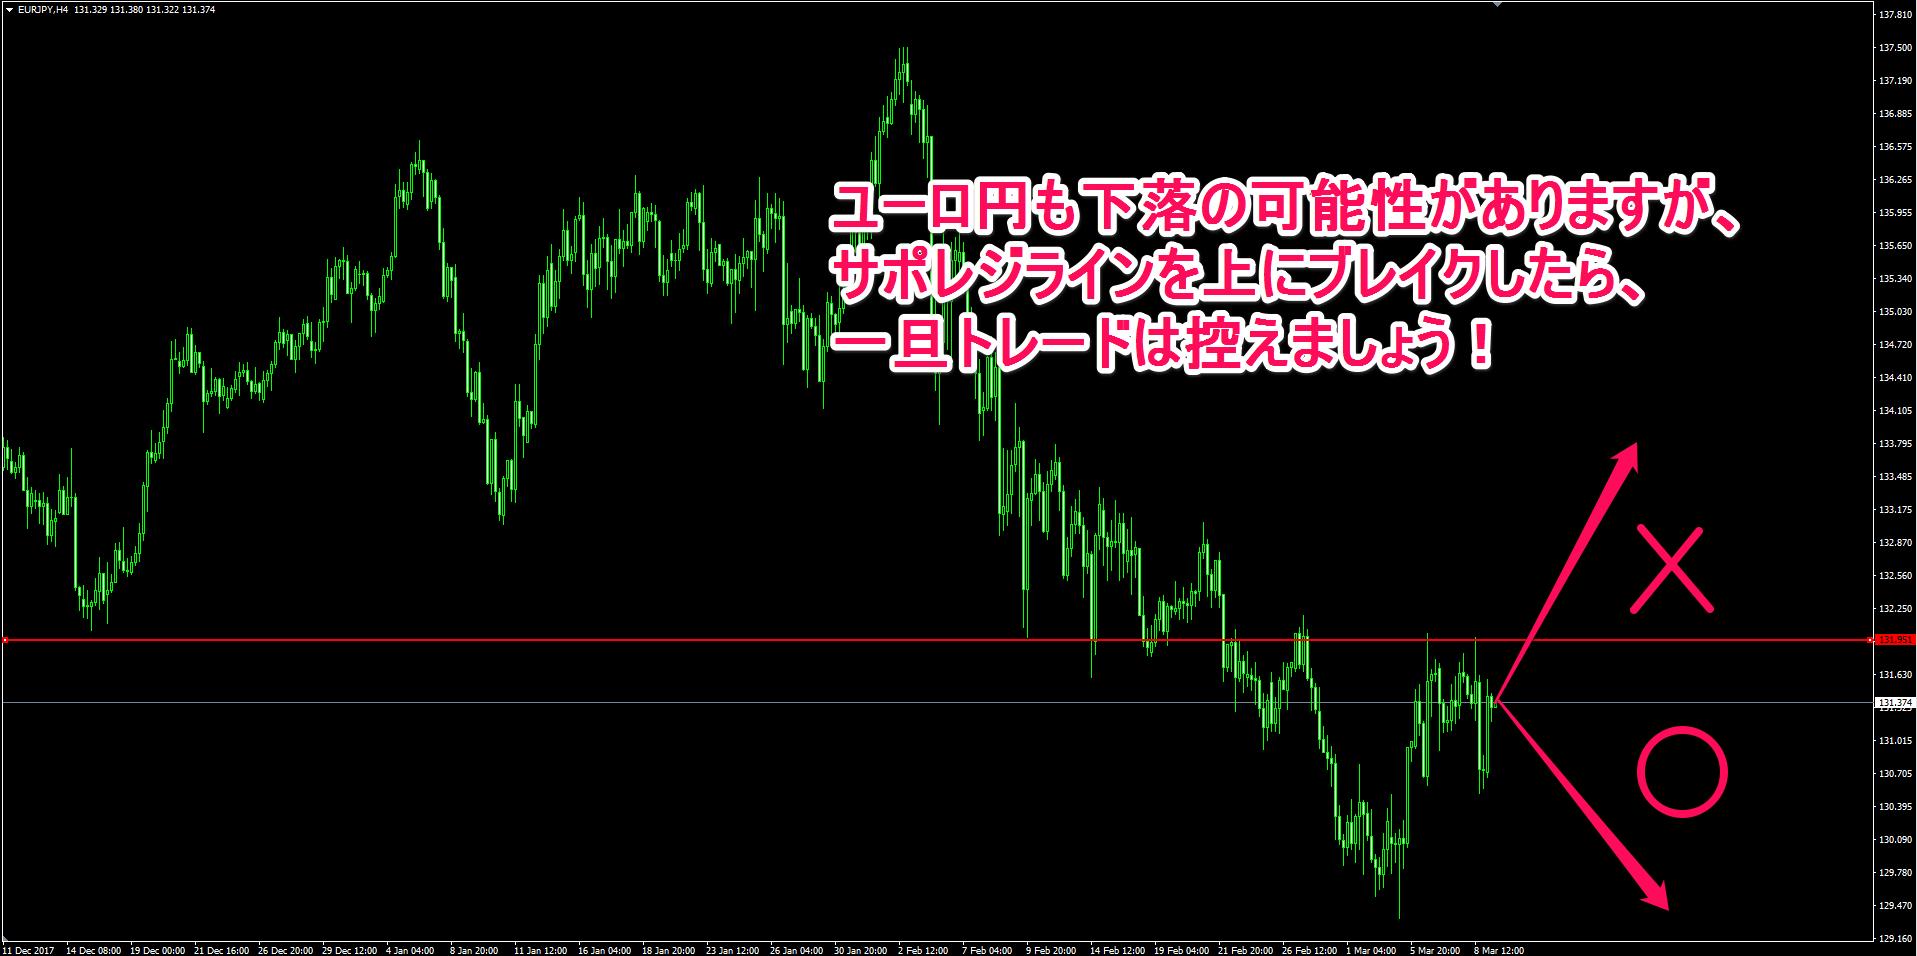 ユーロ円の4時間足チャート